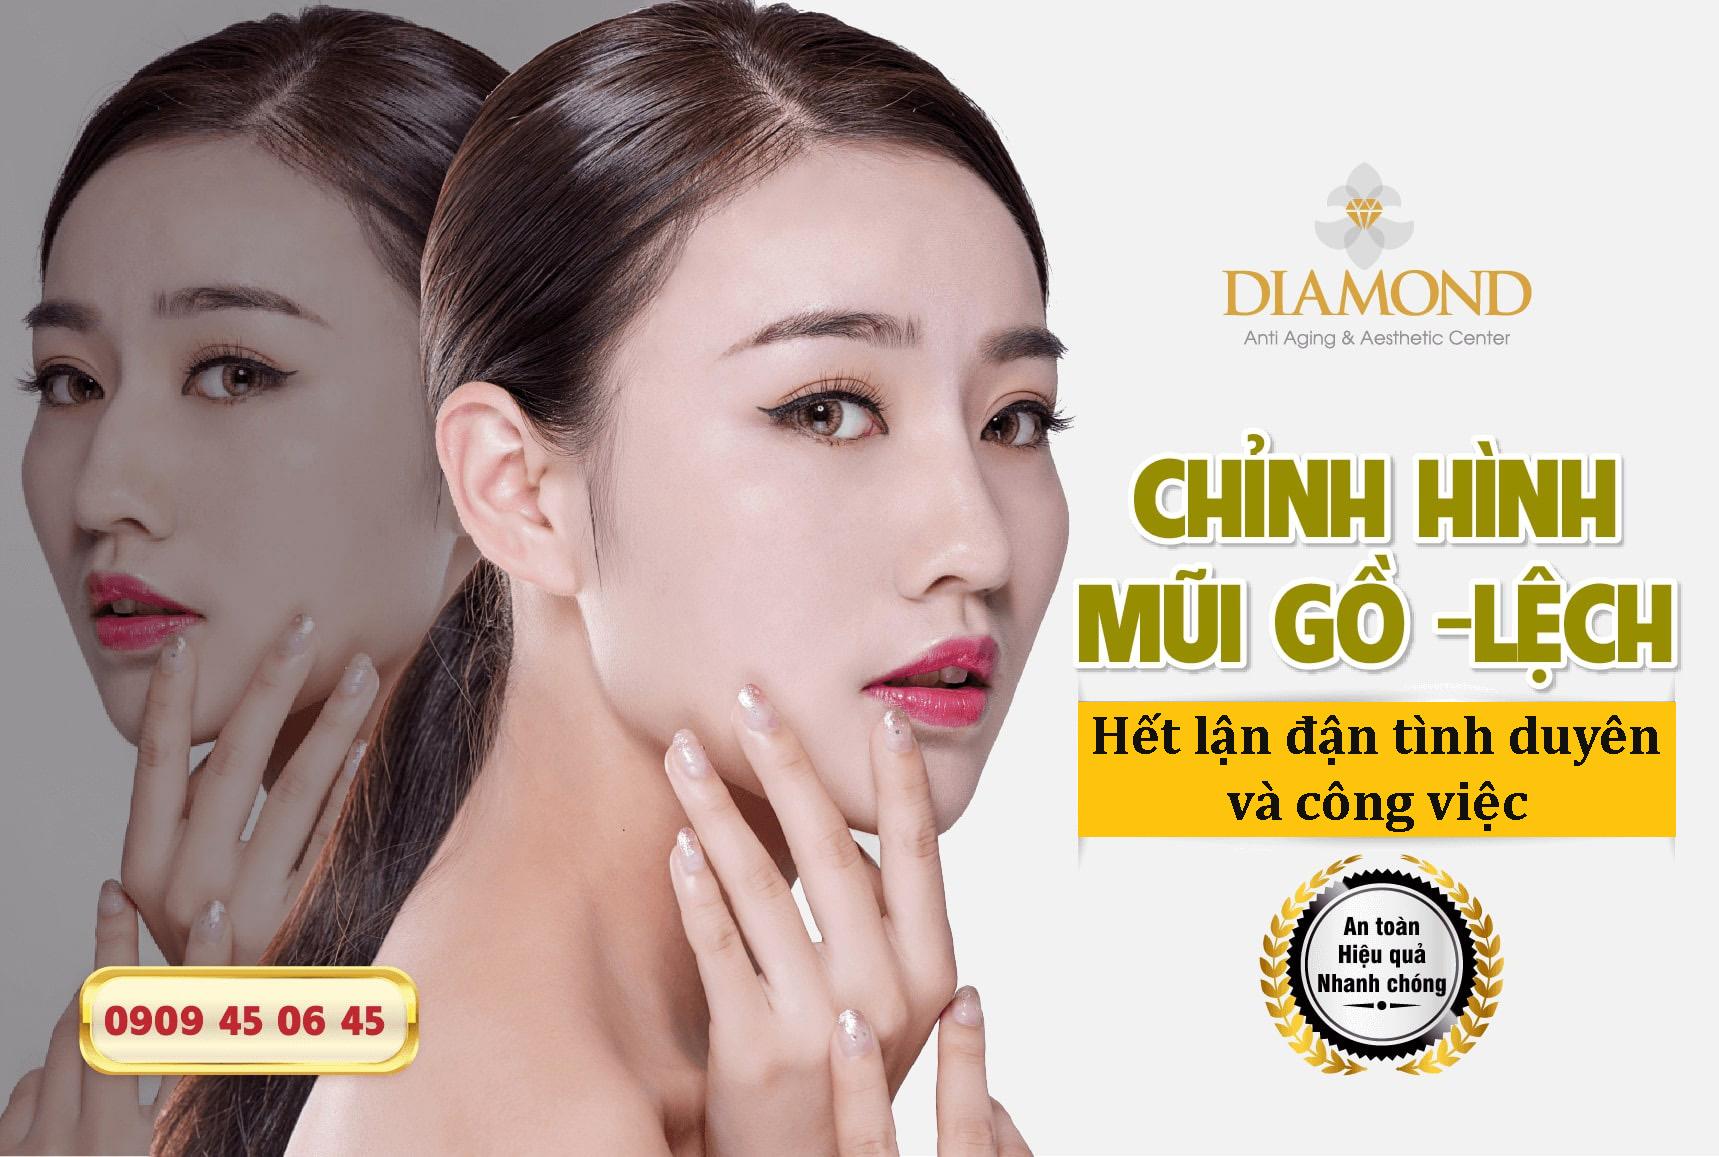 chinh-sua-mui-go-het-lan-dan-tinh-duỵen